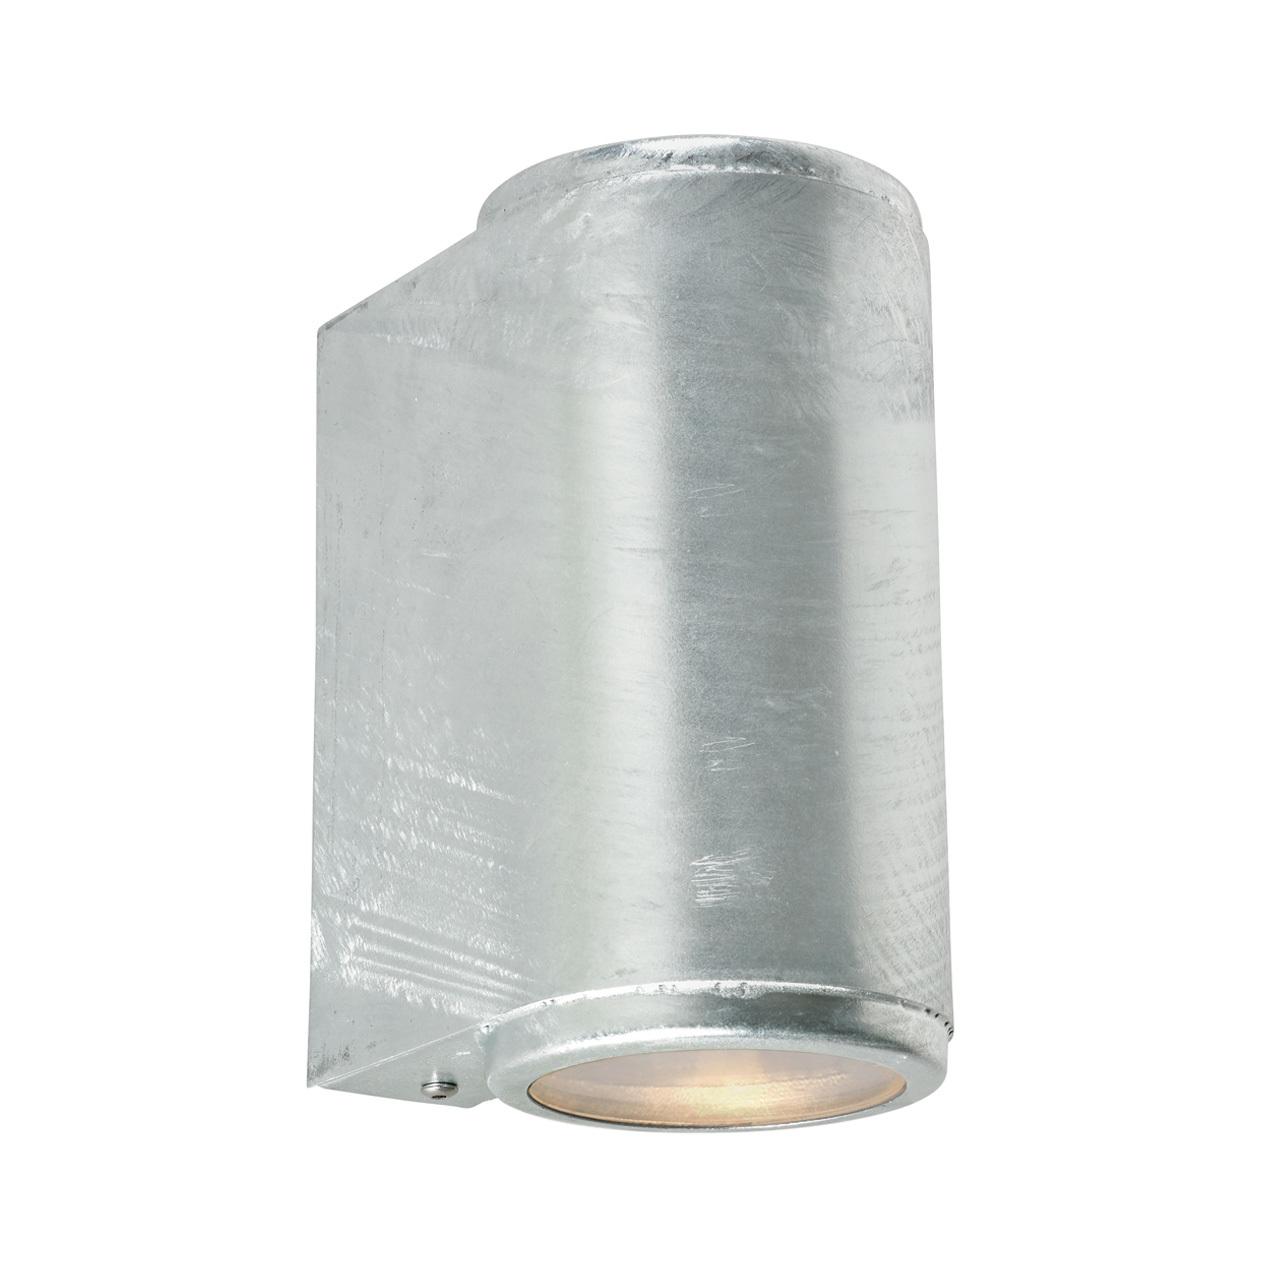 Lampa ścienna MANDAL LED 1370GA -Norlys  SPRAWDŹ RABATY  5-10-15-20 % w koszyku